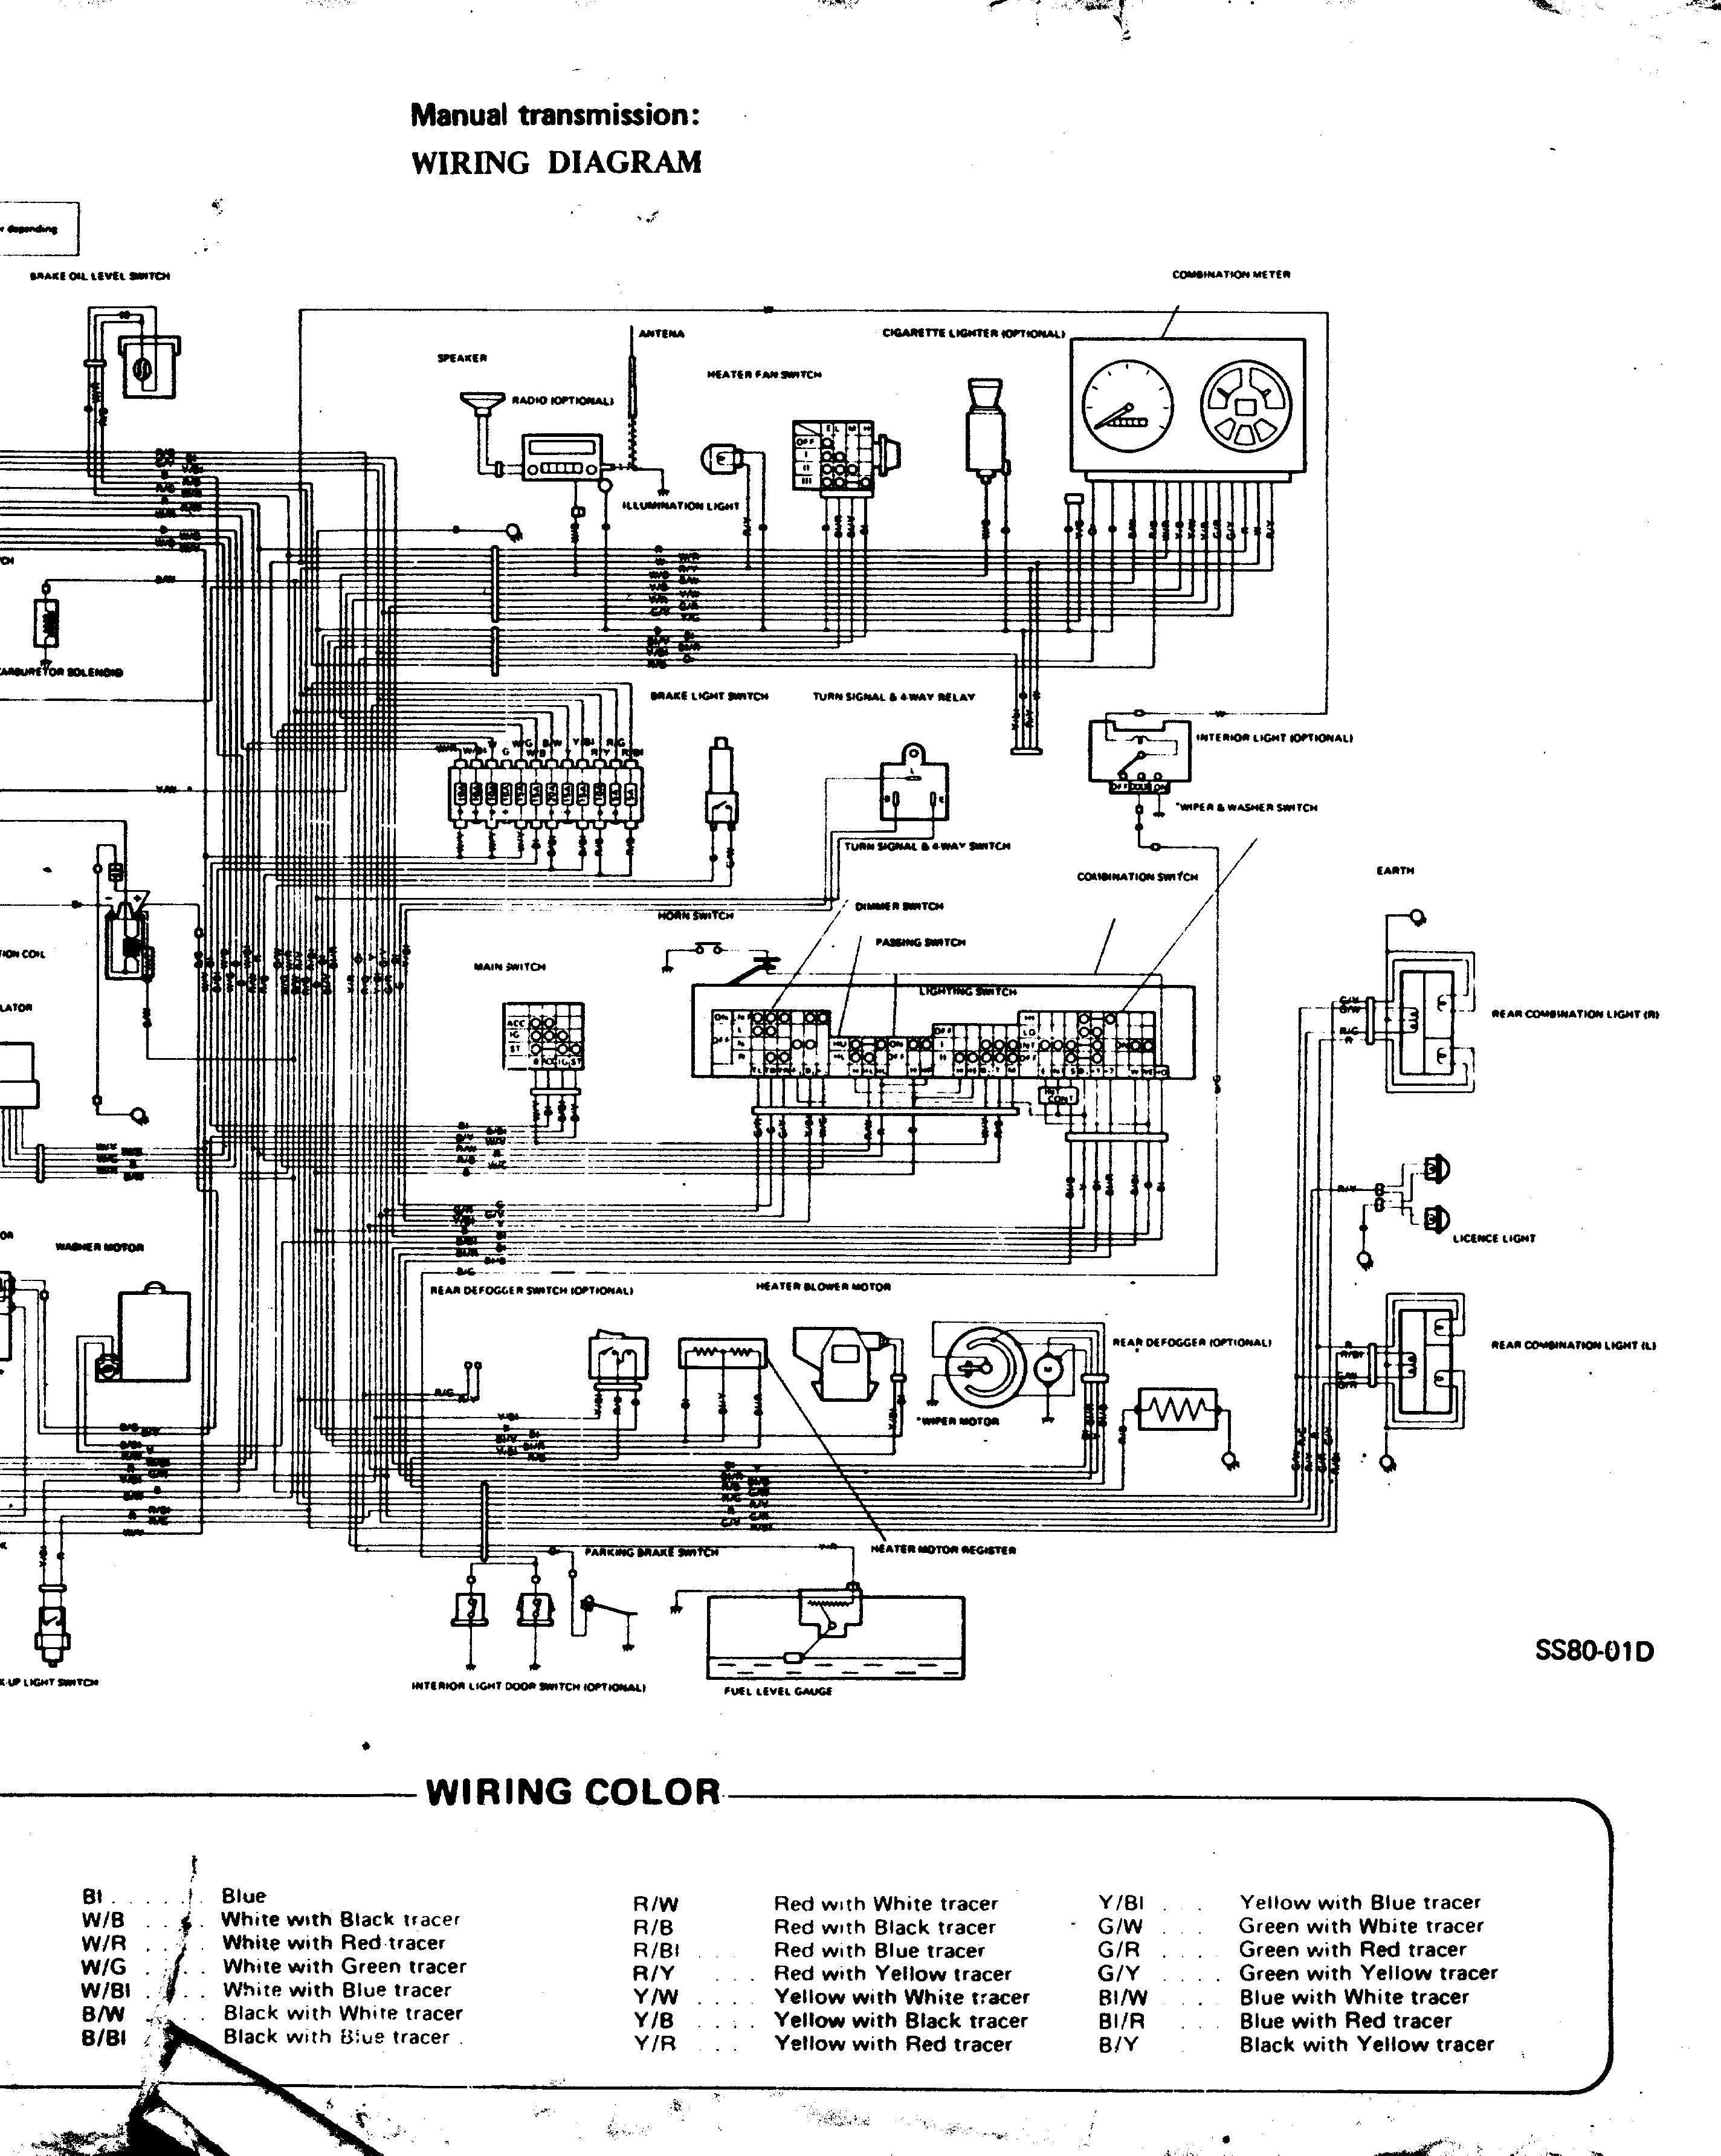 Wiring Diagram For Suzuki 800 Diagrams Scematic Honda Atv Schematic Maruti Pdf Third Level 1986